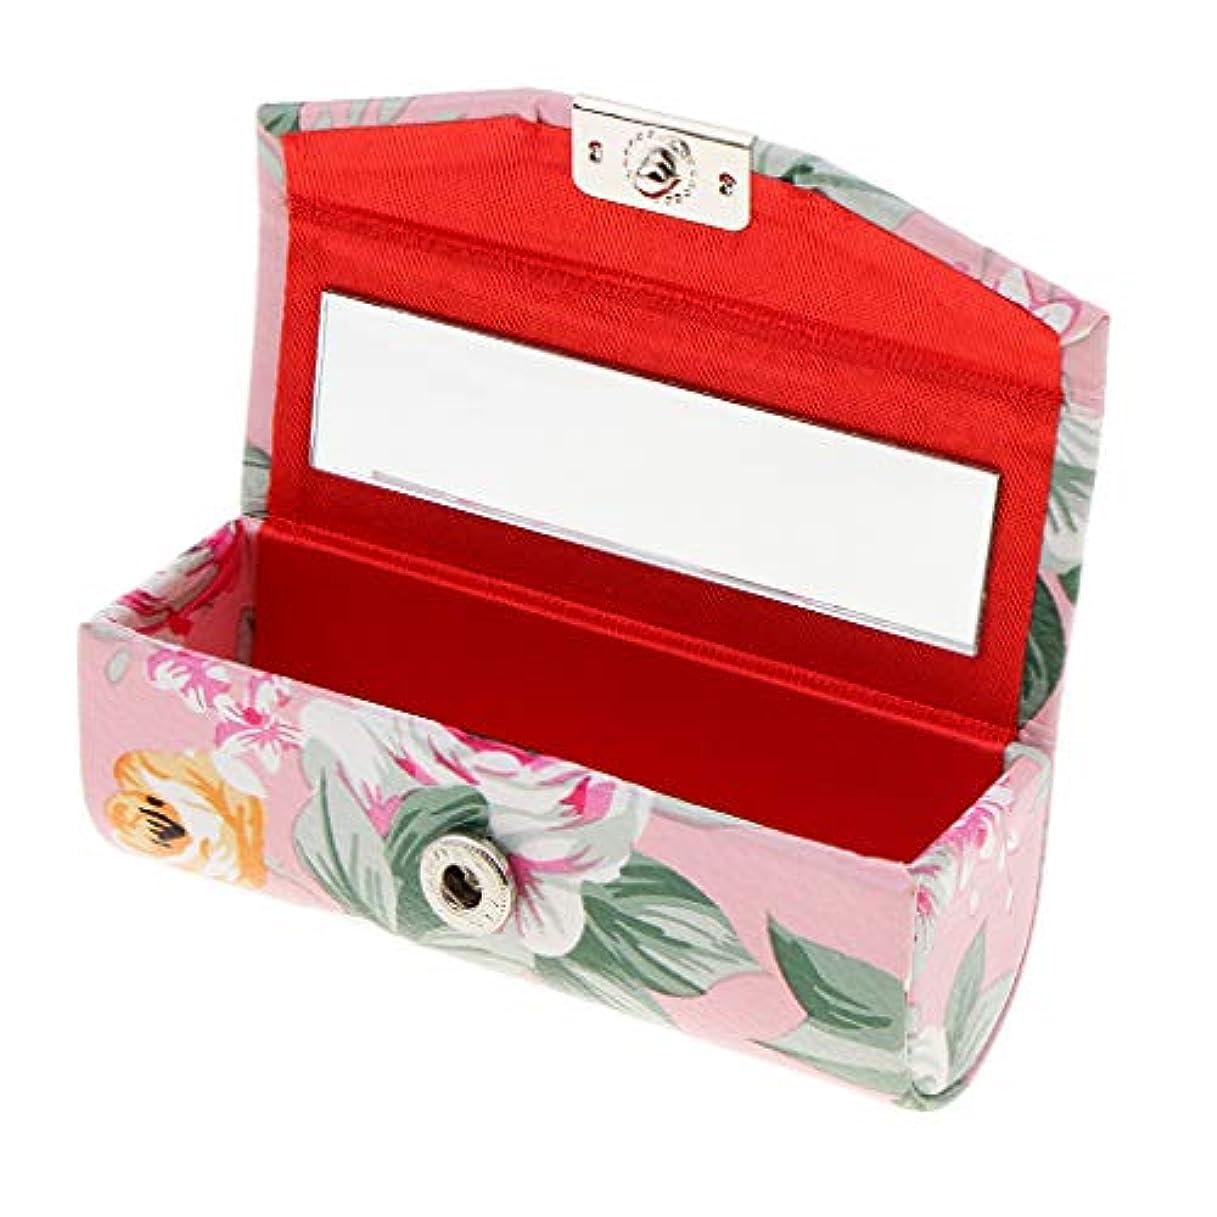 申込み王族ヘッジリップスティックケース ミラー付き 革製 宝石 メイクアップ 口紅 メイクアップ 収納ホルダー 5色選べ - ピンク